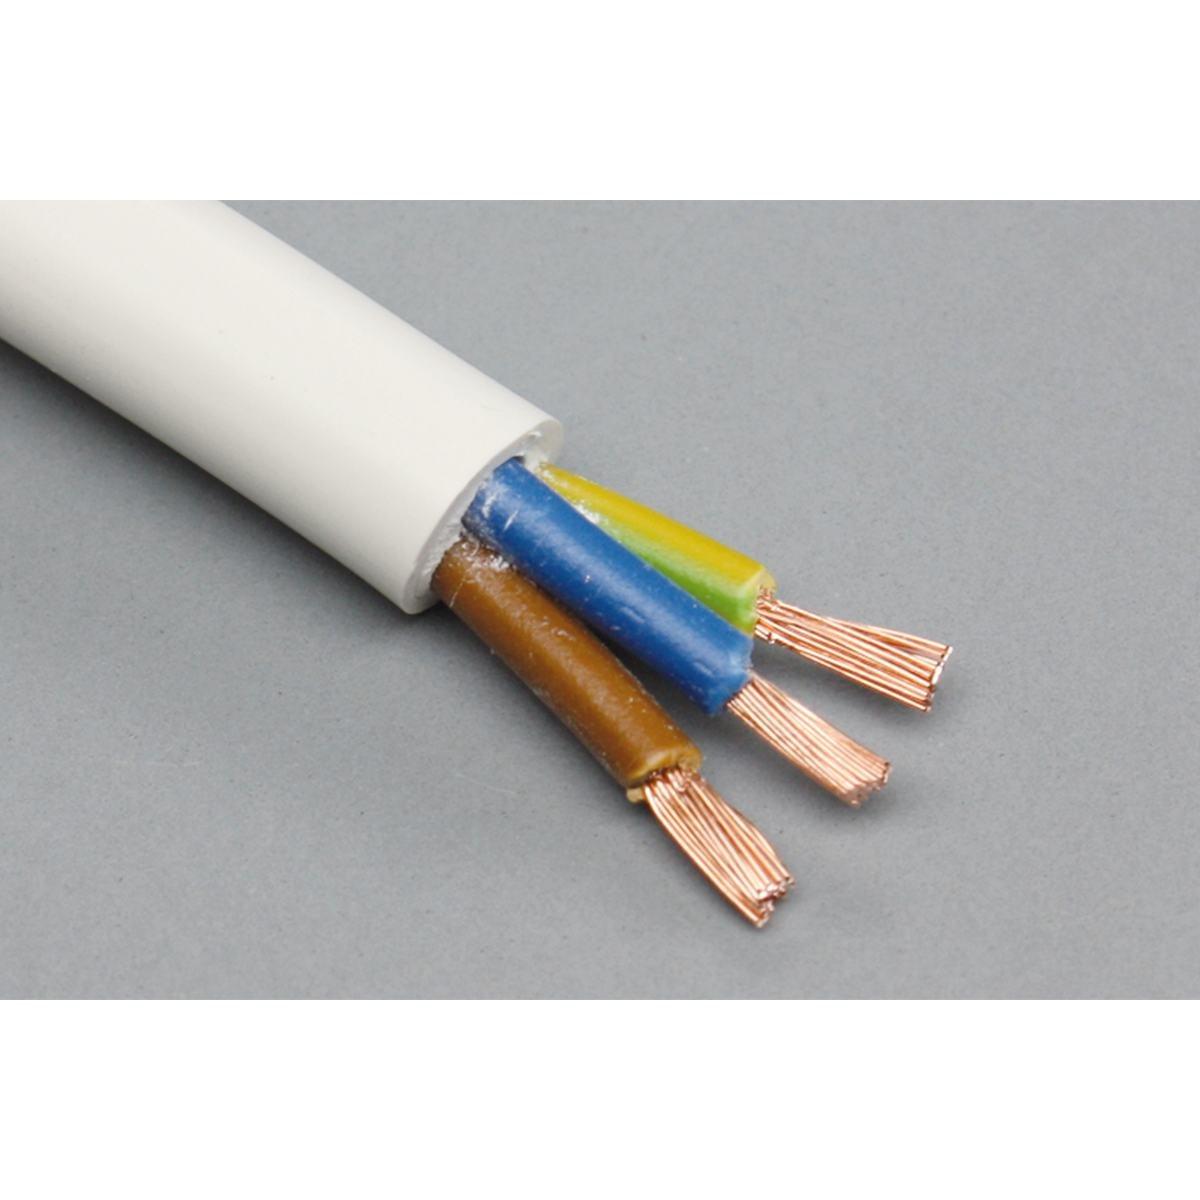 Tilslutningskabel 3 x 1 mm² flettet - pr meter